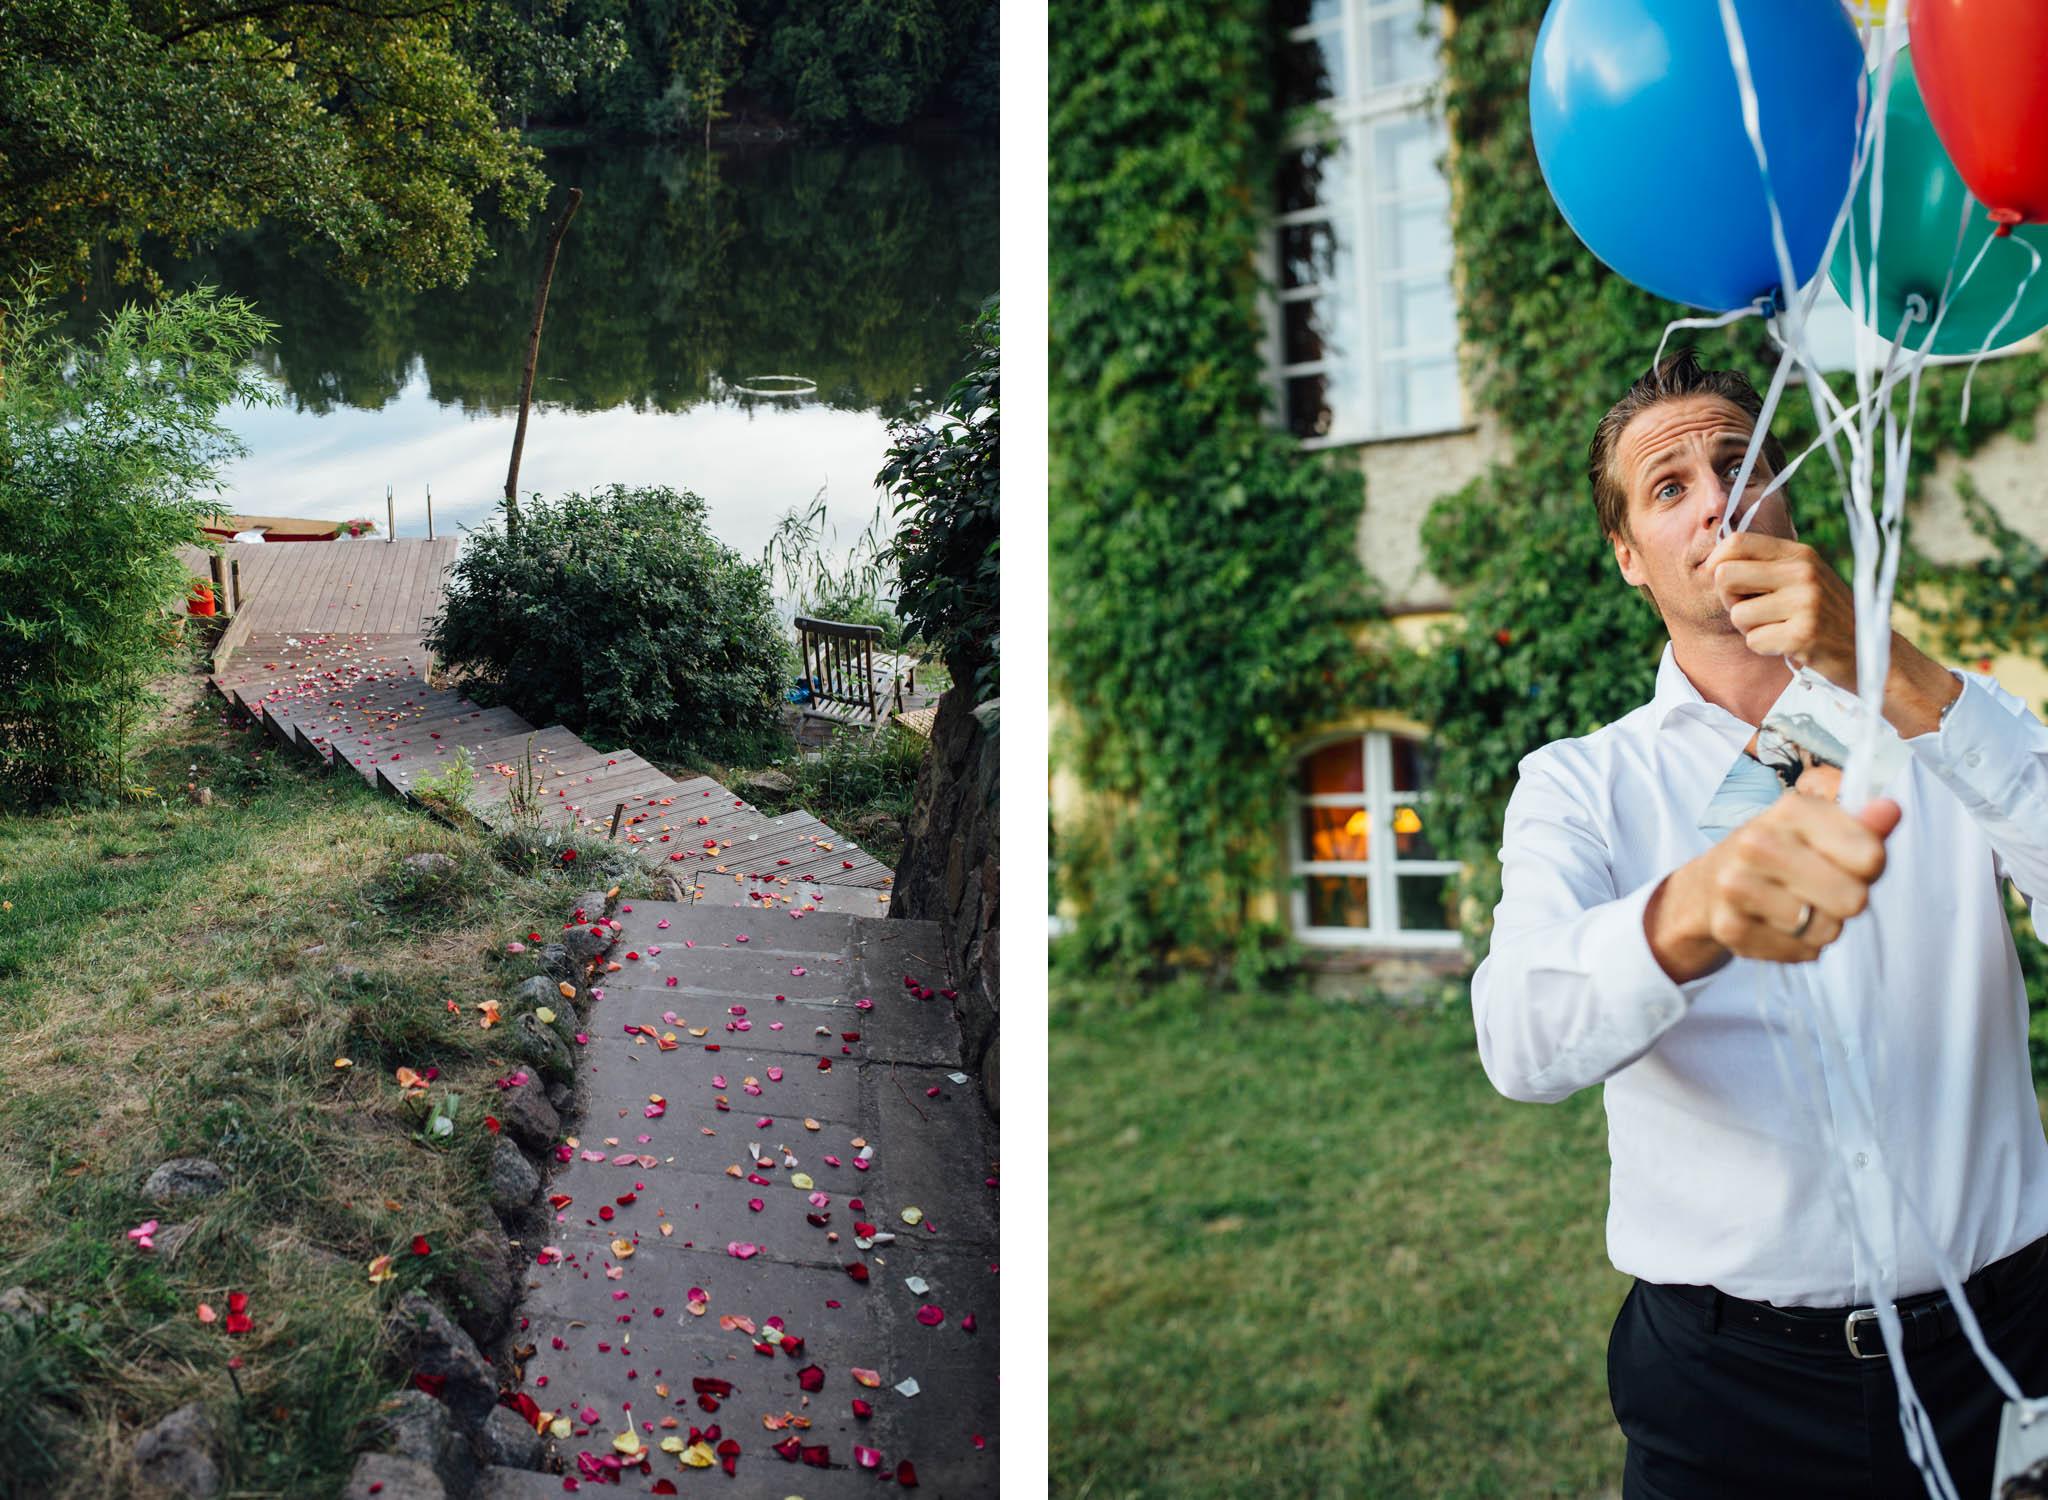 hochzeit-see-steg-luftballons